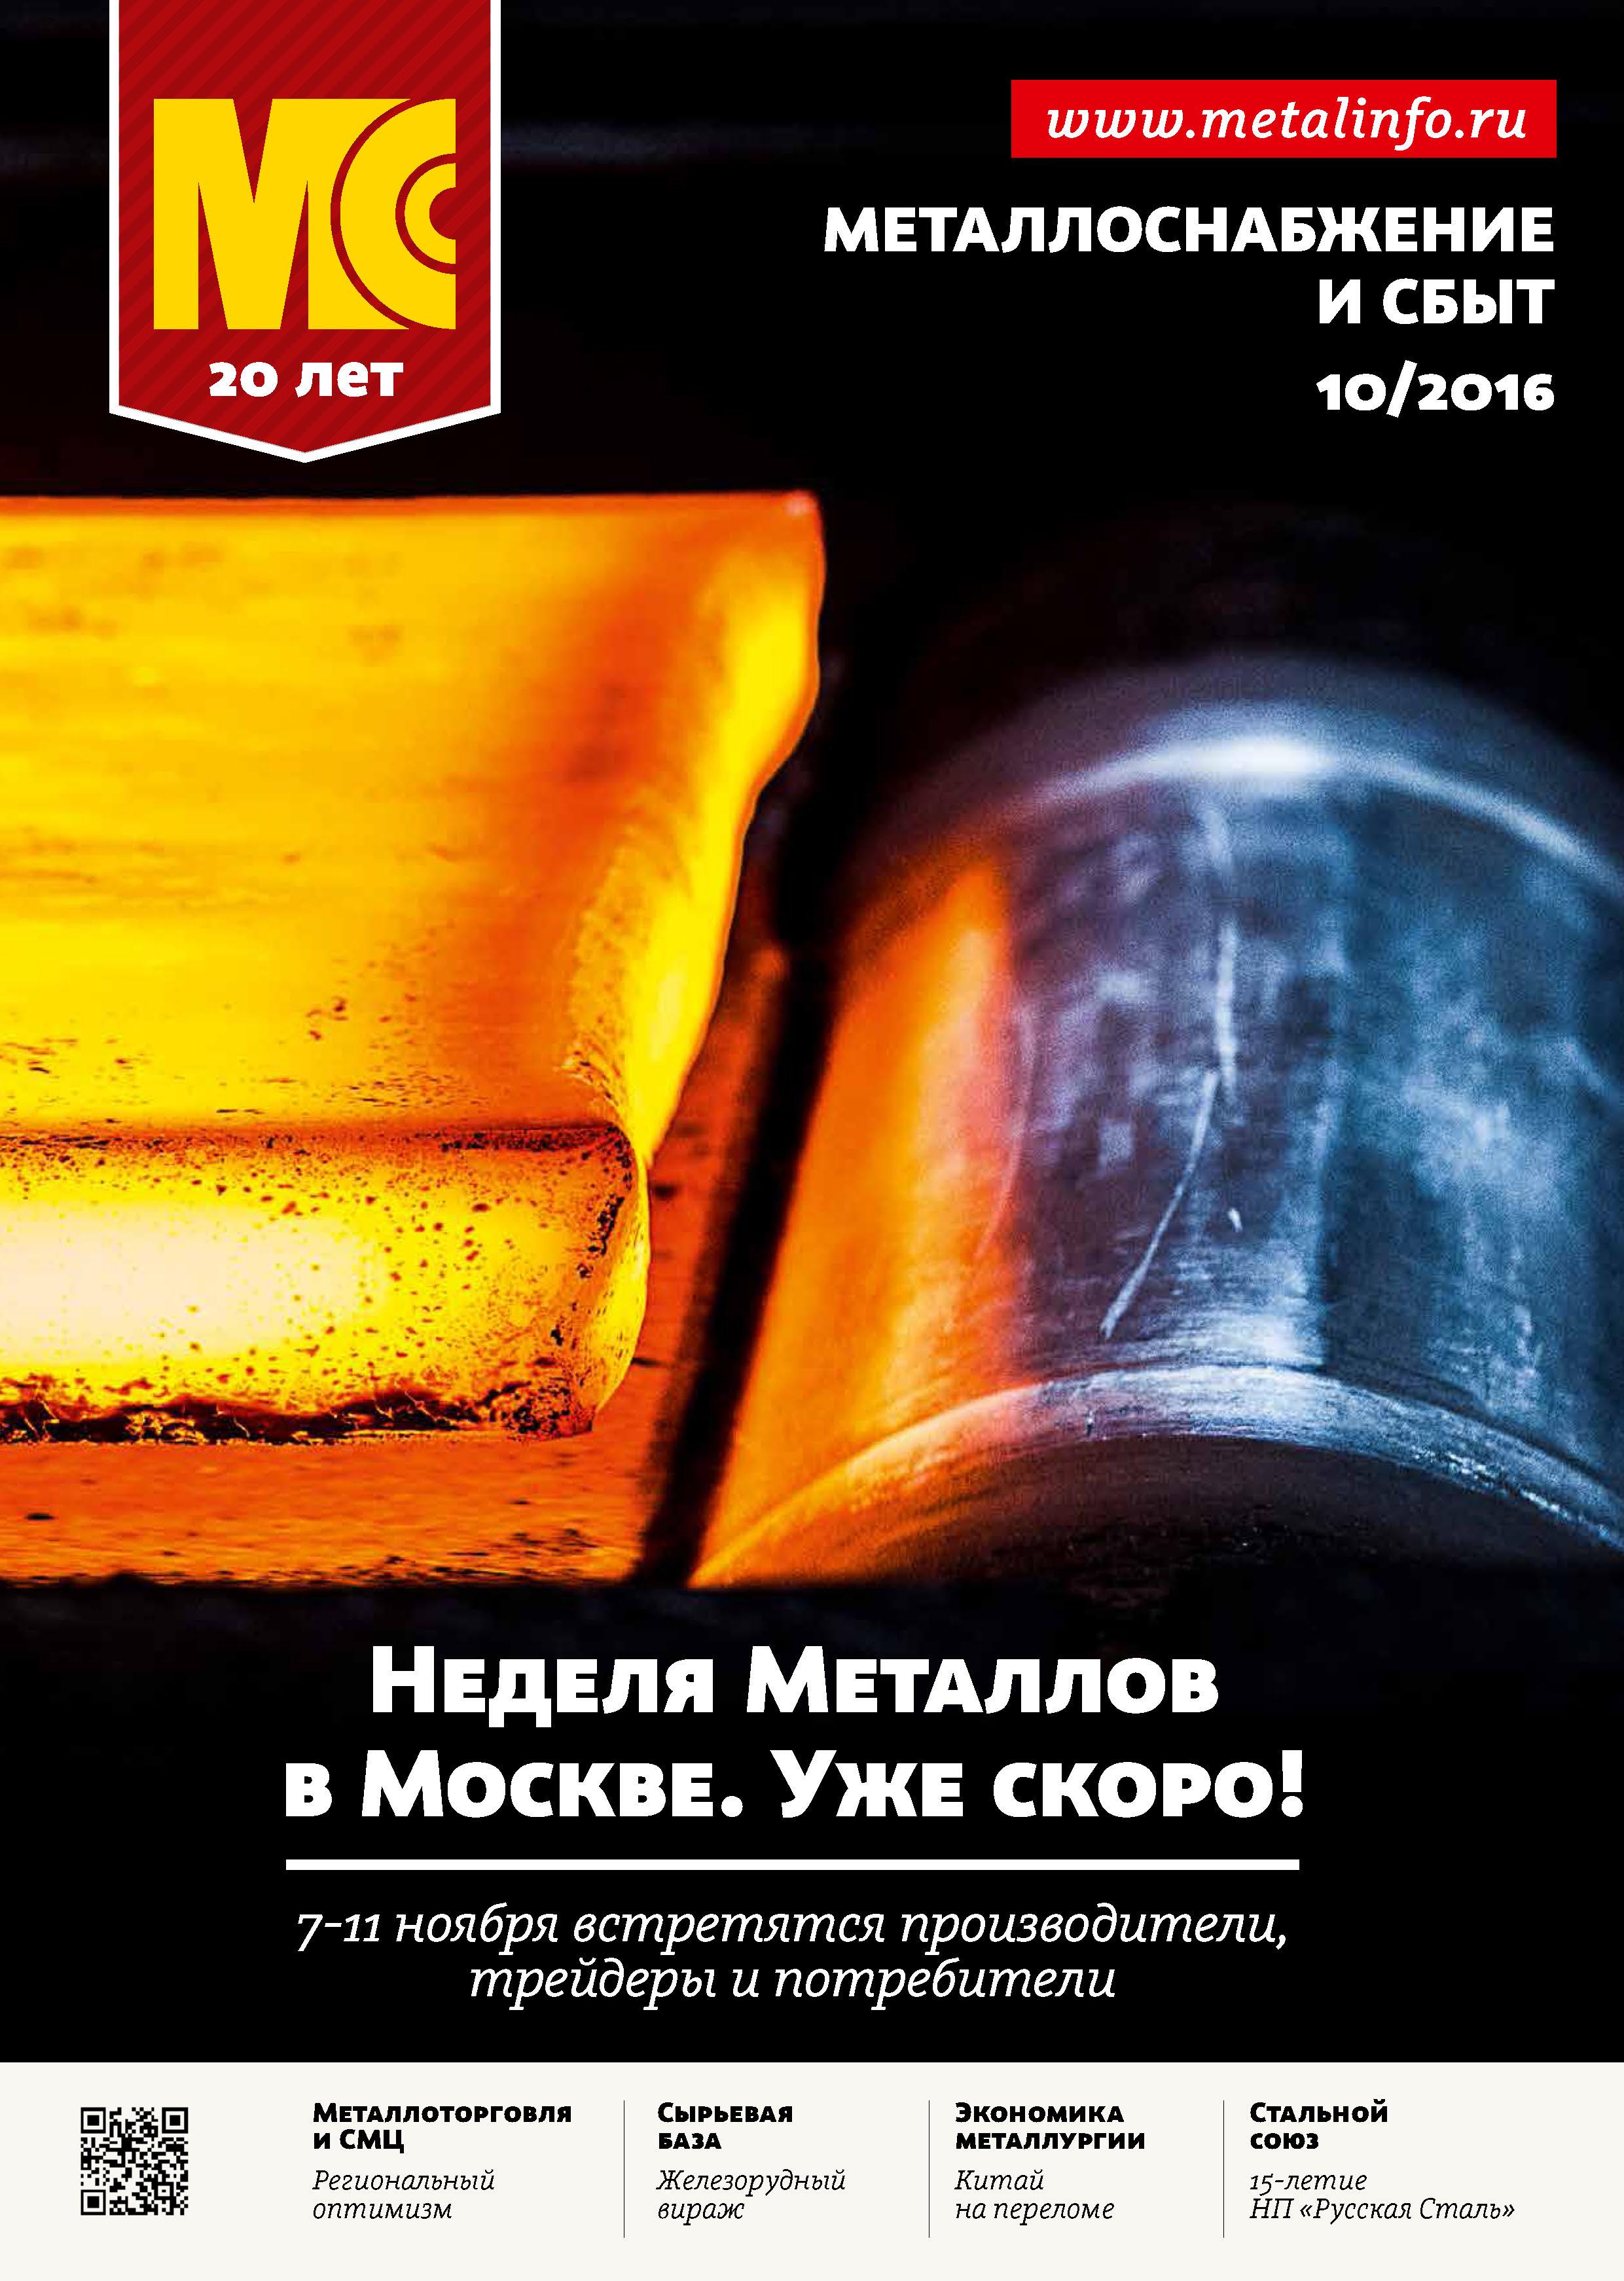 Металлоснабжение и сбыт №10/2016